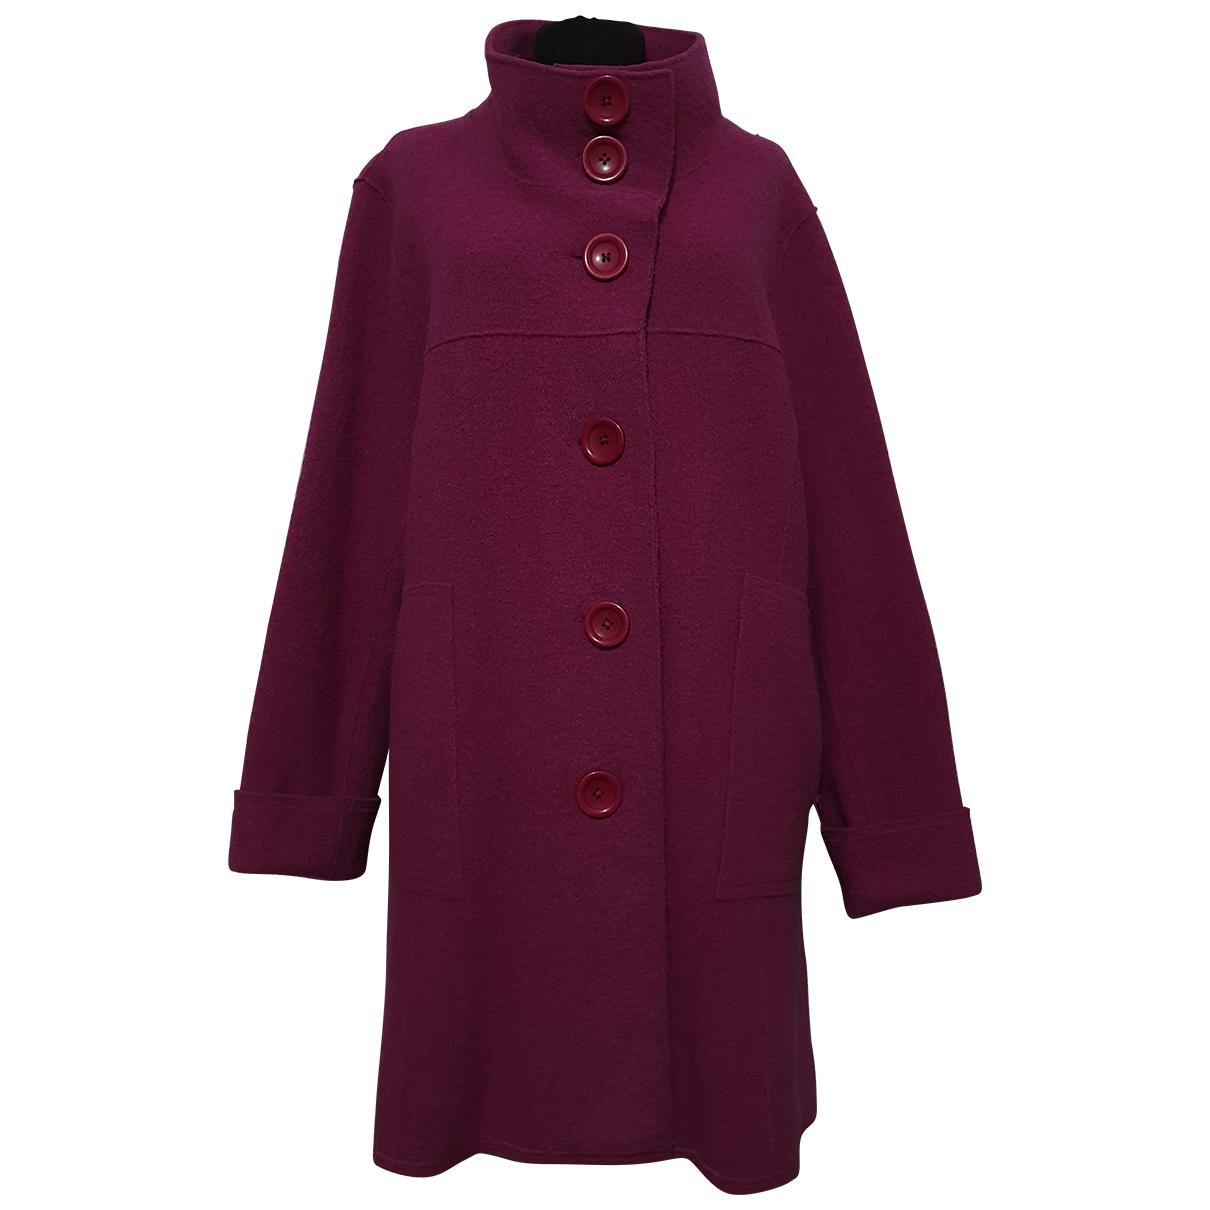 Autre Marque - Manteau   pour femme en laine - violet